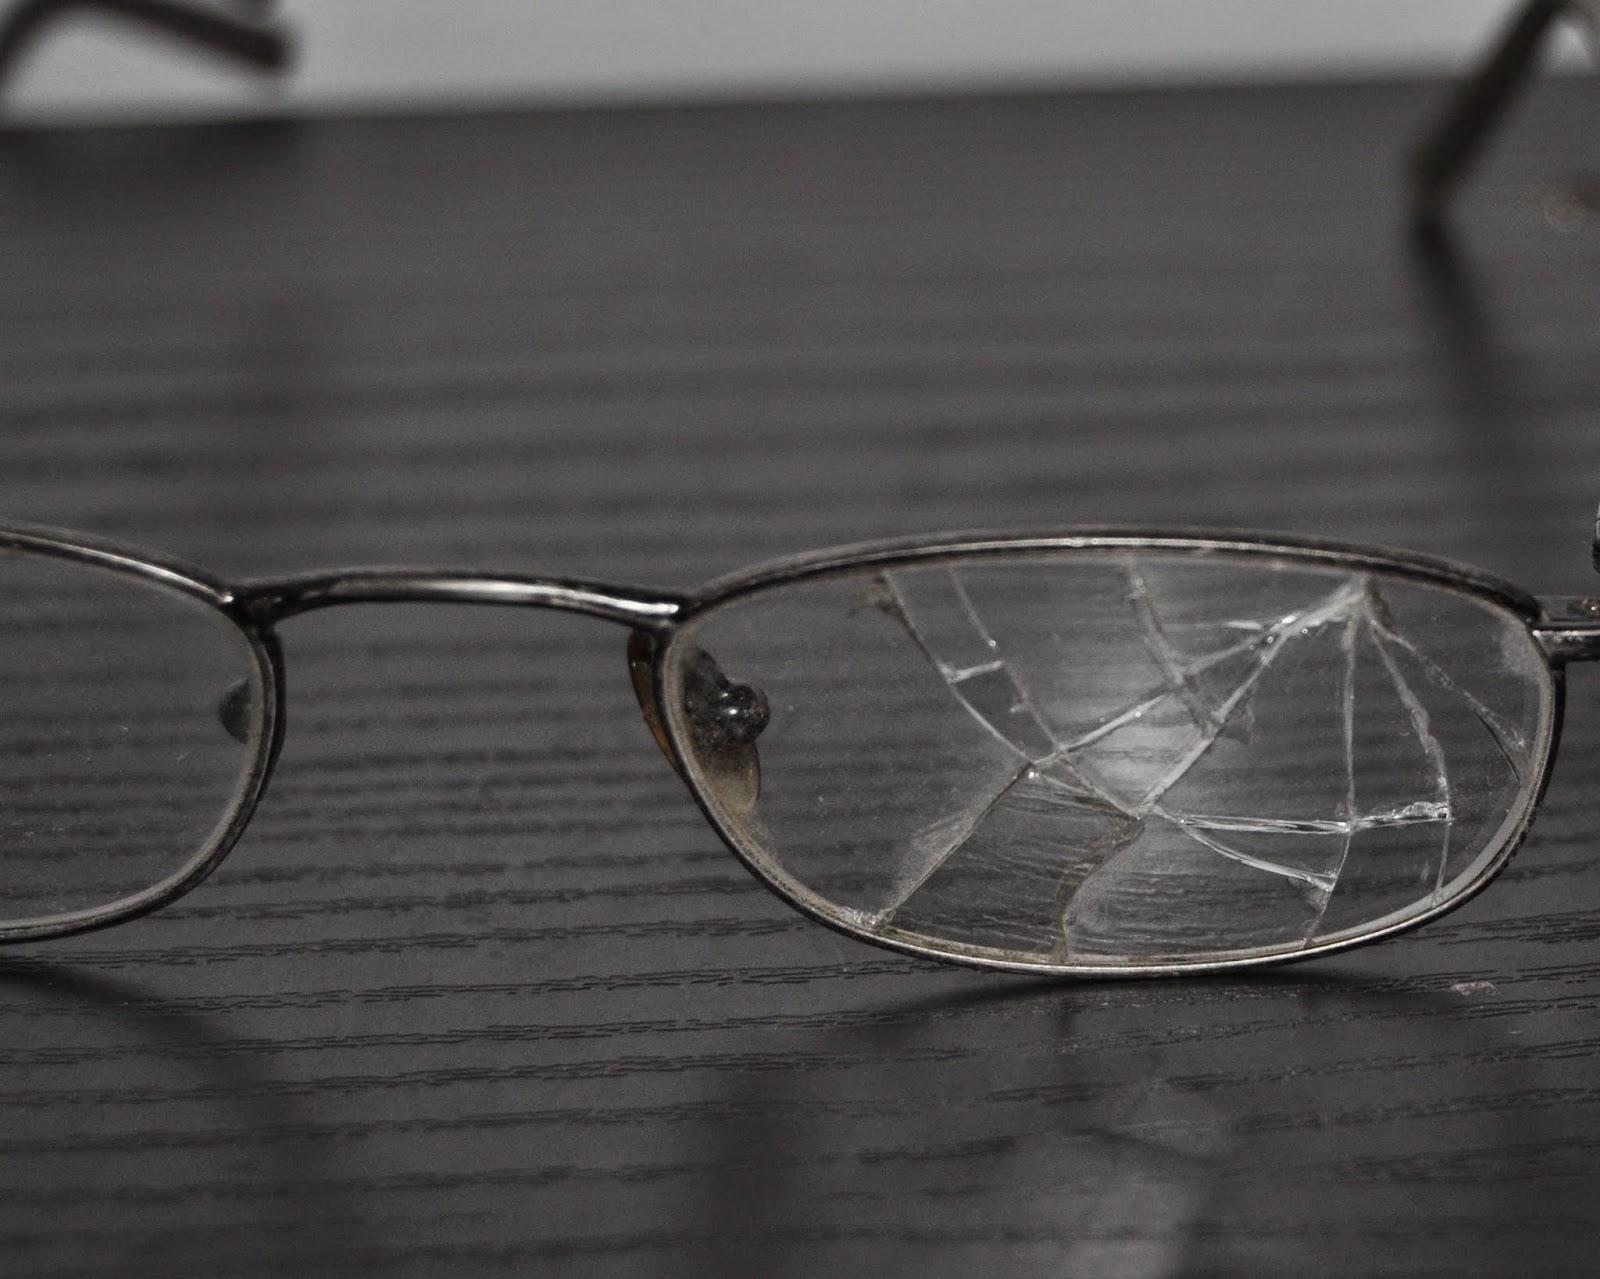 Operace očí - rozhodnutí